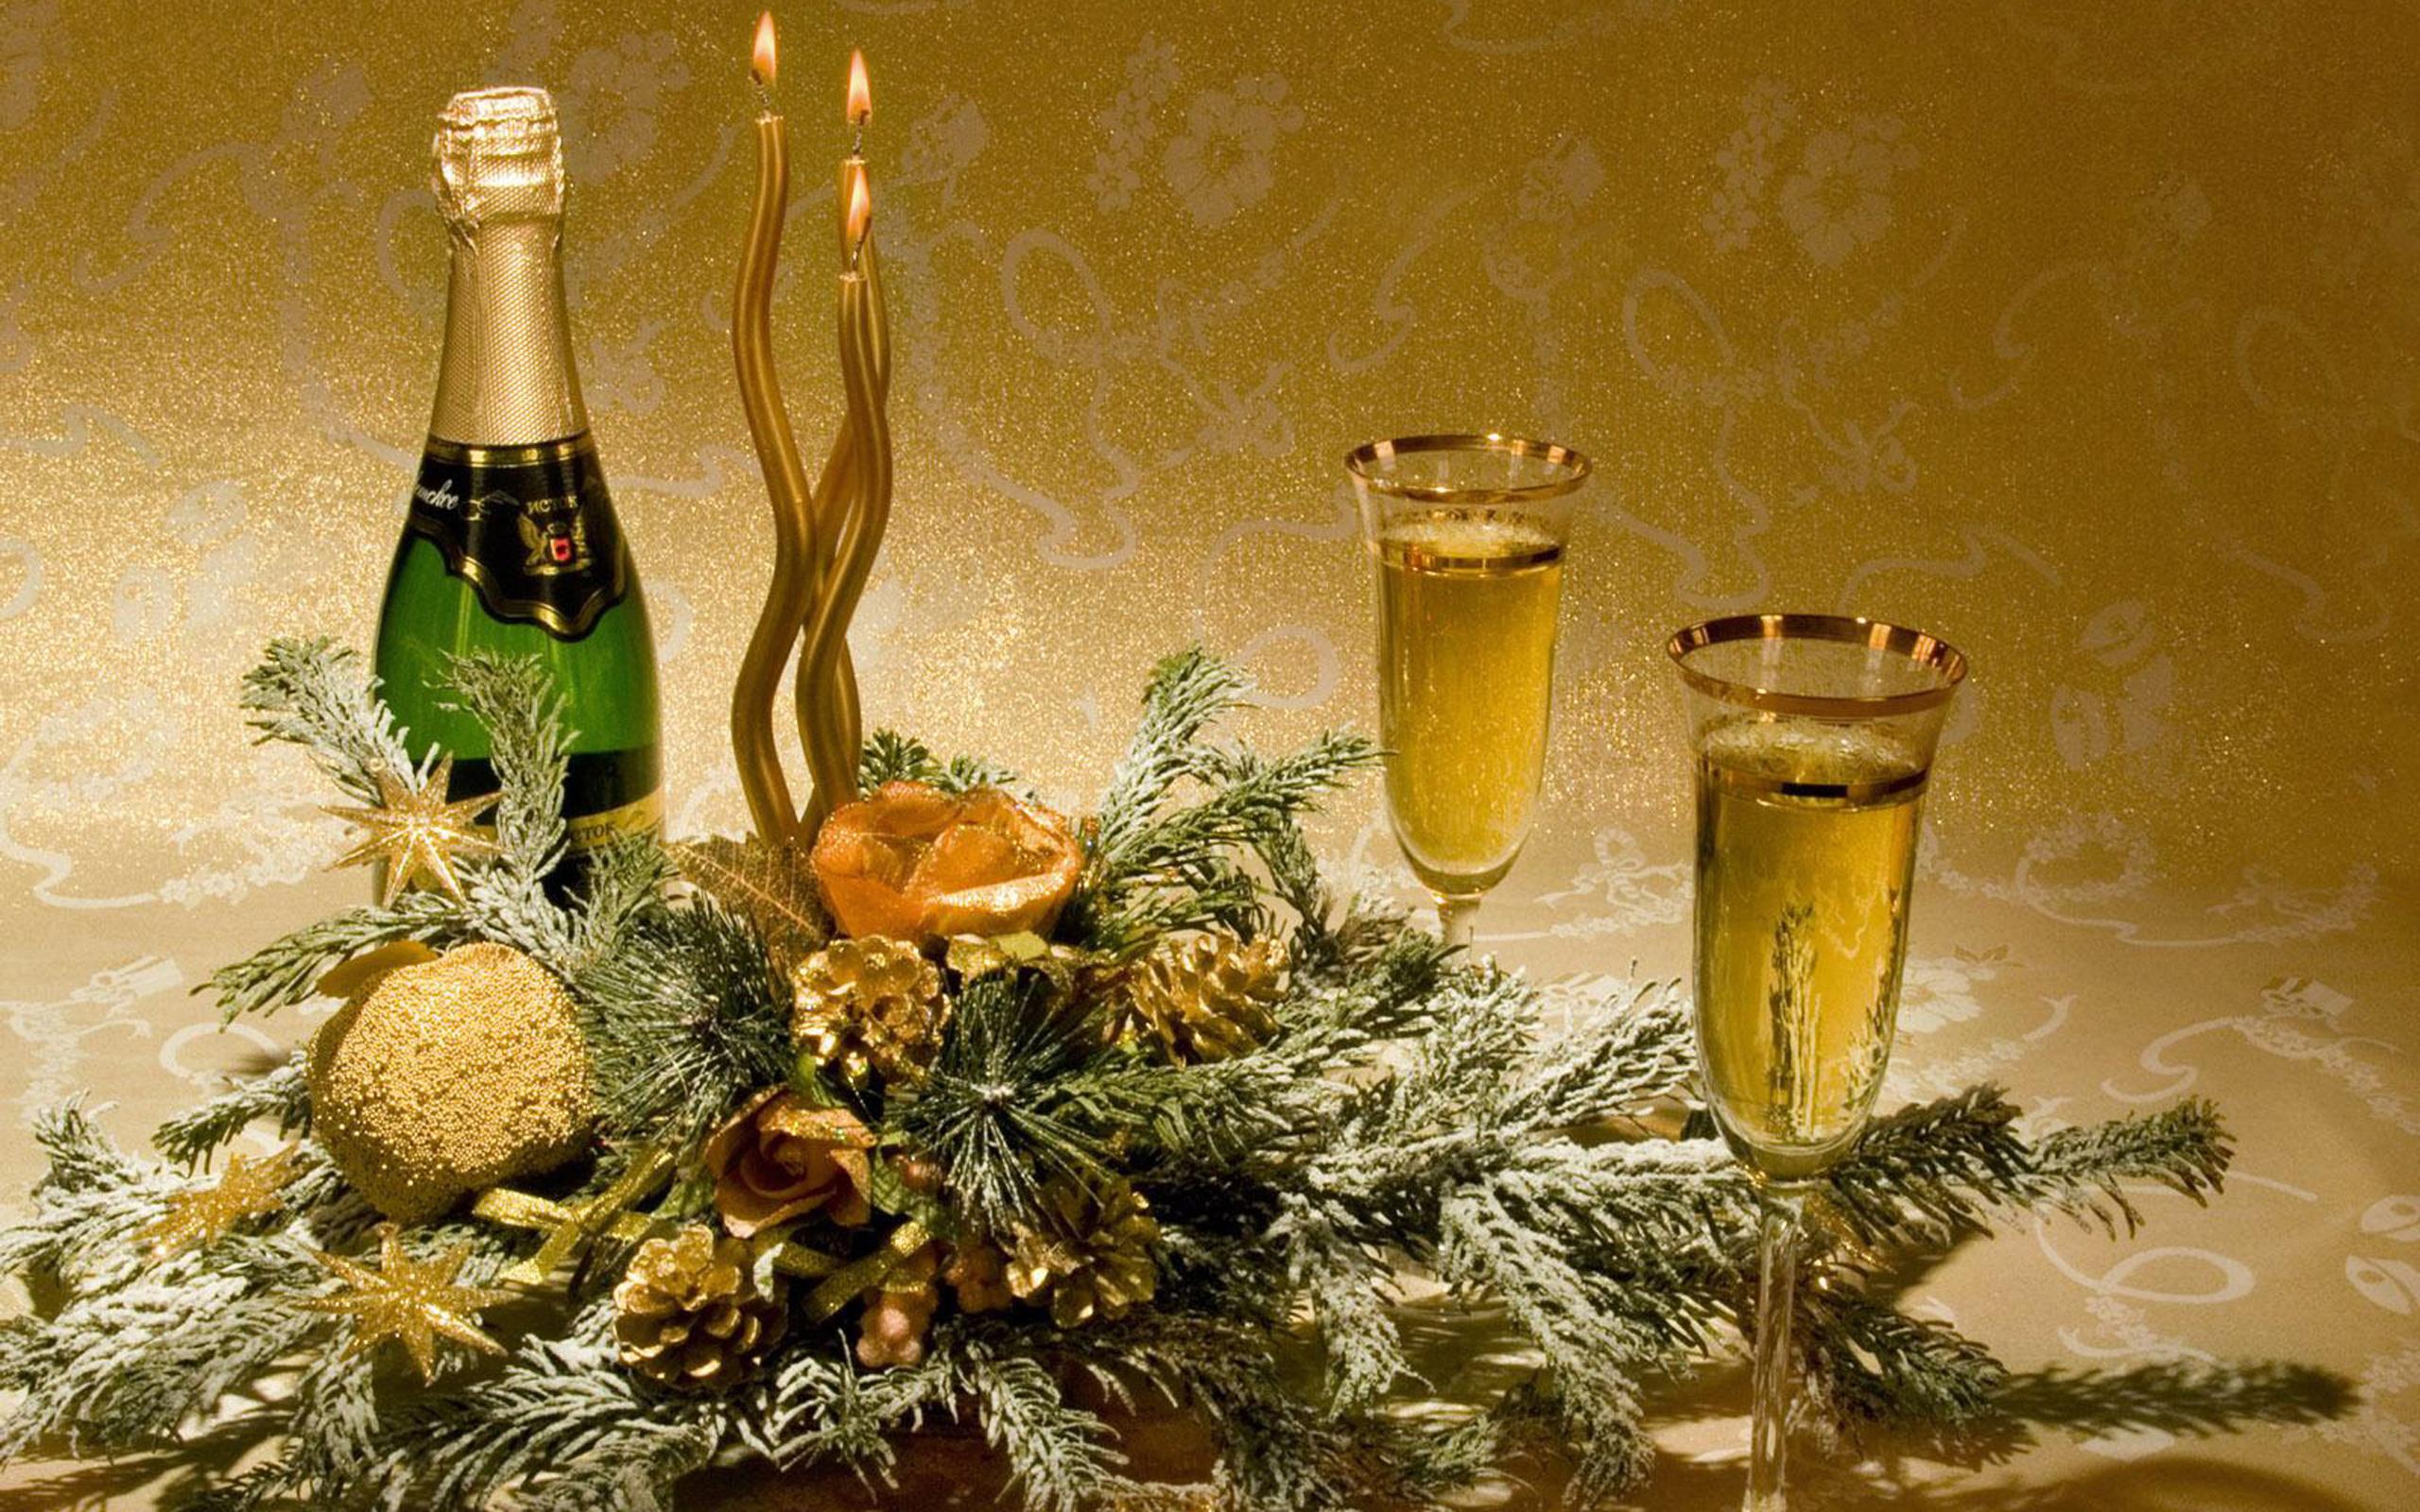 22654 скачать обои Праздники, Новый Год (New Year), Вино, Свечи, Напитки, Натюрморт - заставки и картинки бесплатно